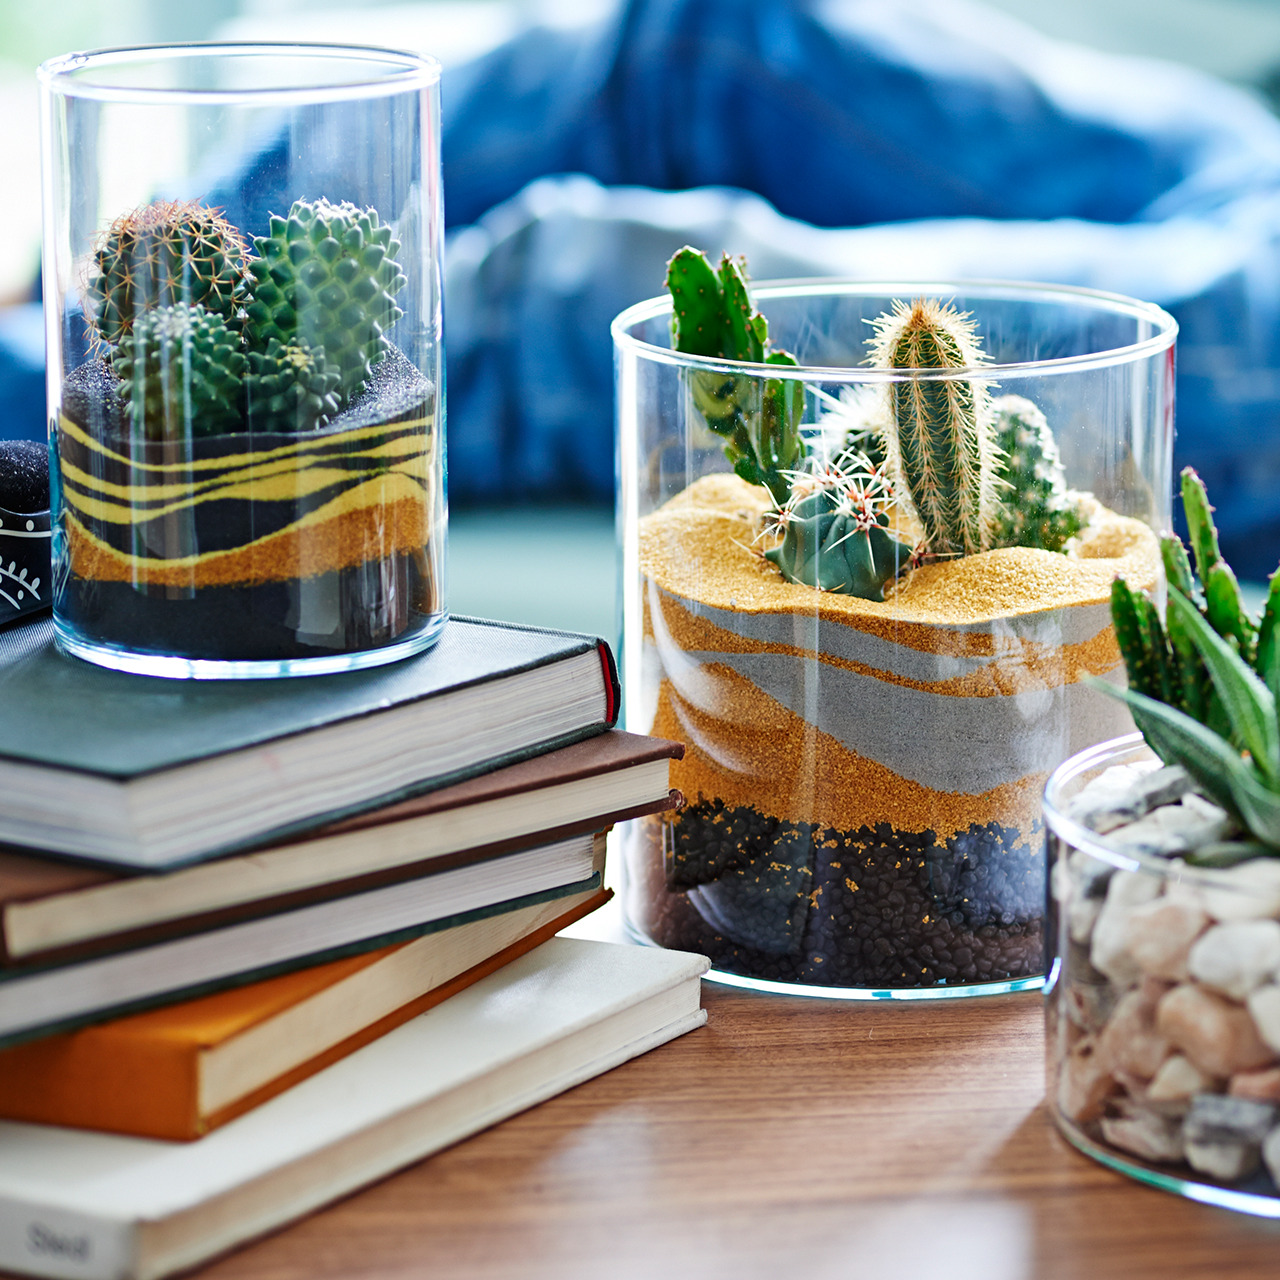 Флорариум своими руками: как сделать мини-сад в стекле